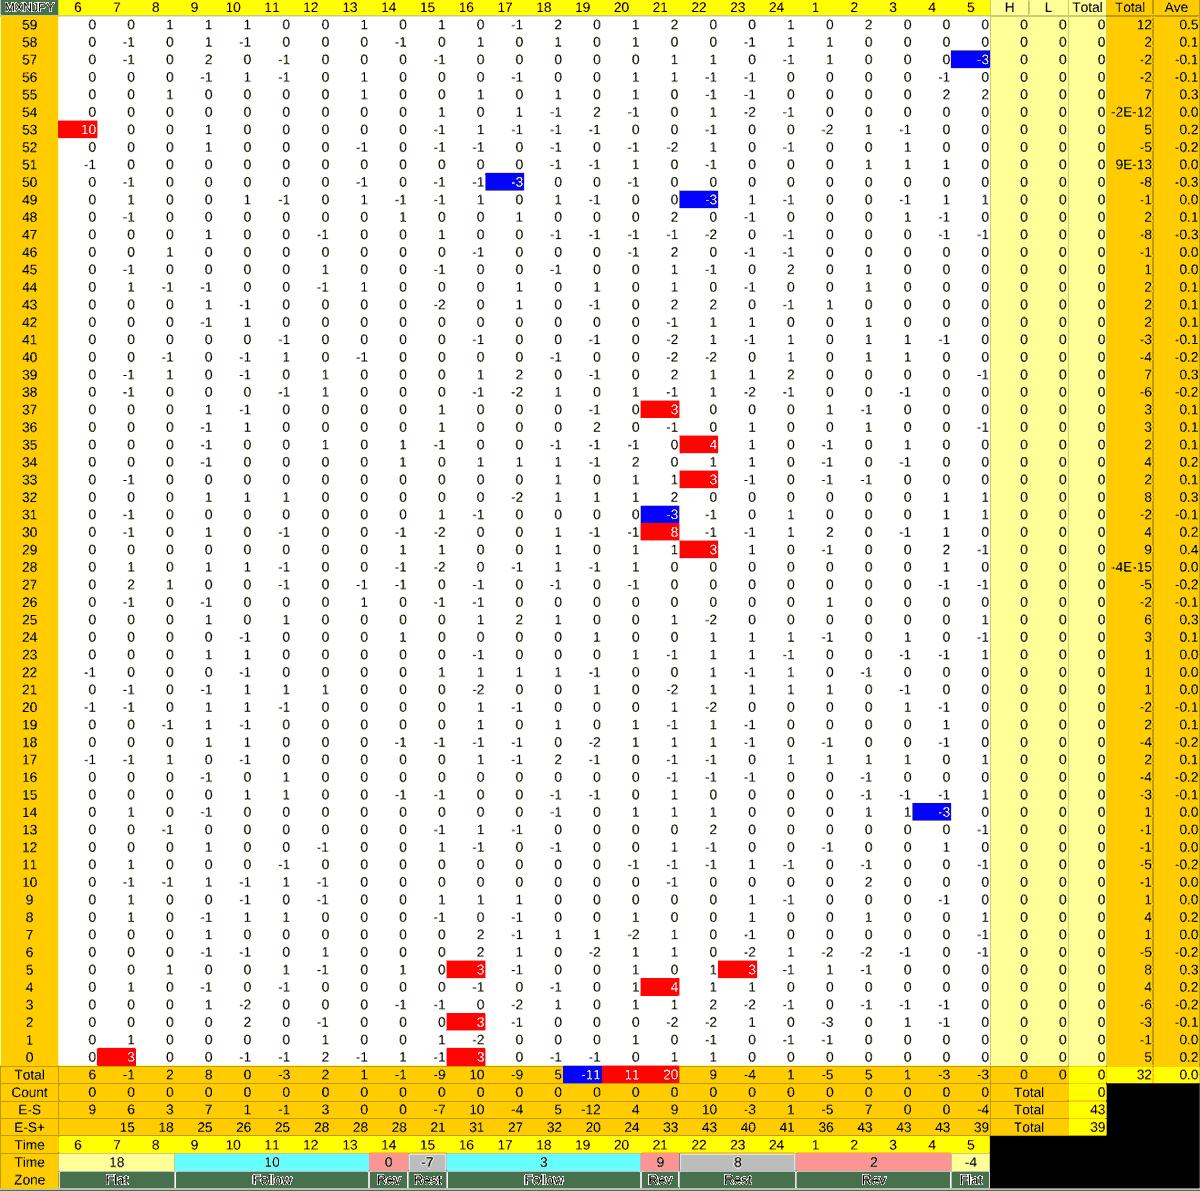 20210805_HS(3)MXNJPY-min